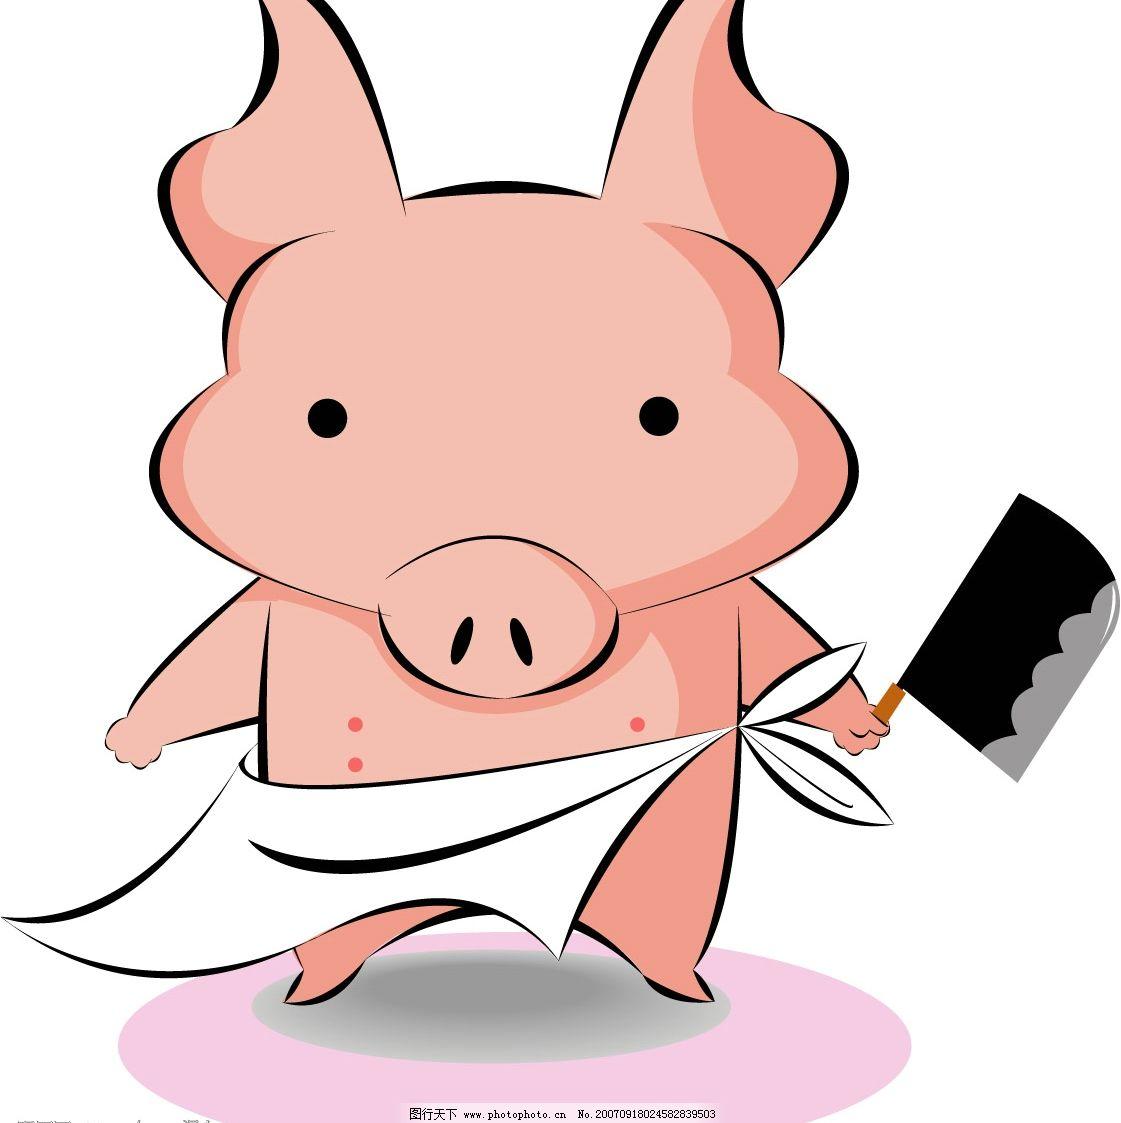 卡通猪 漫画猪 猪的图片 卡通漫画 生物世界 家禽家畜 矢量图库   ai